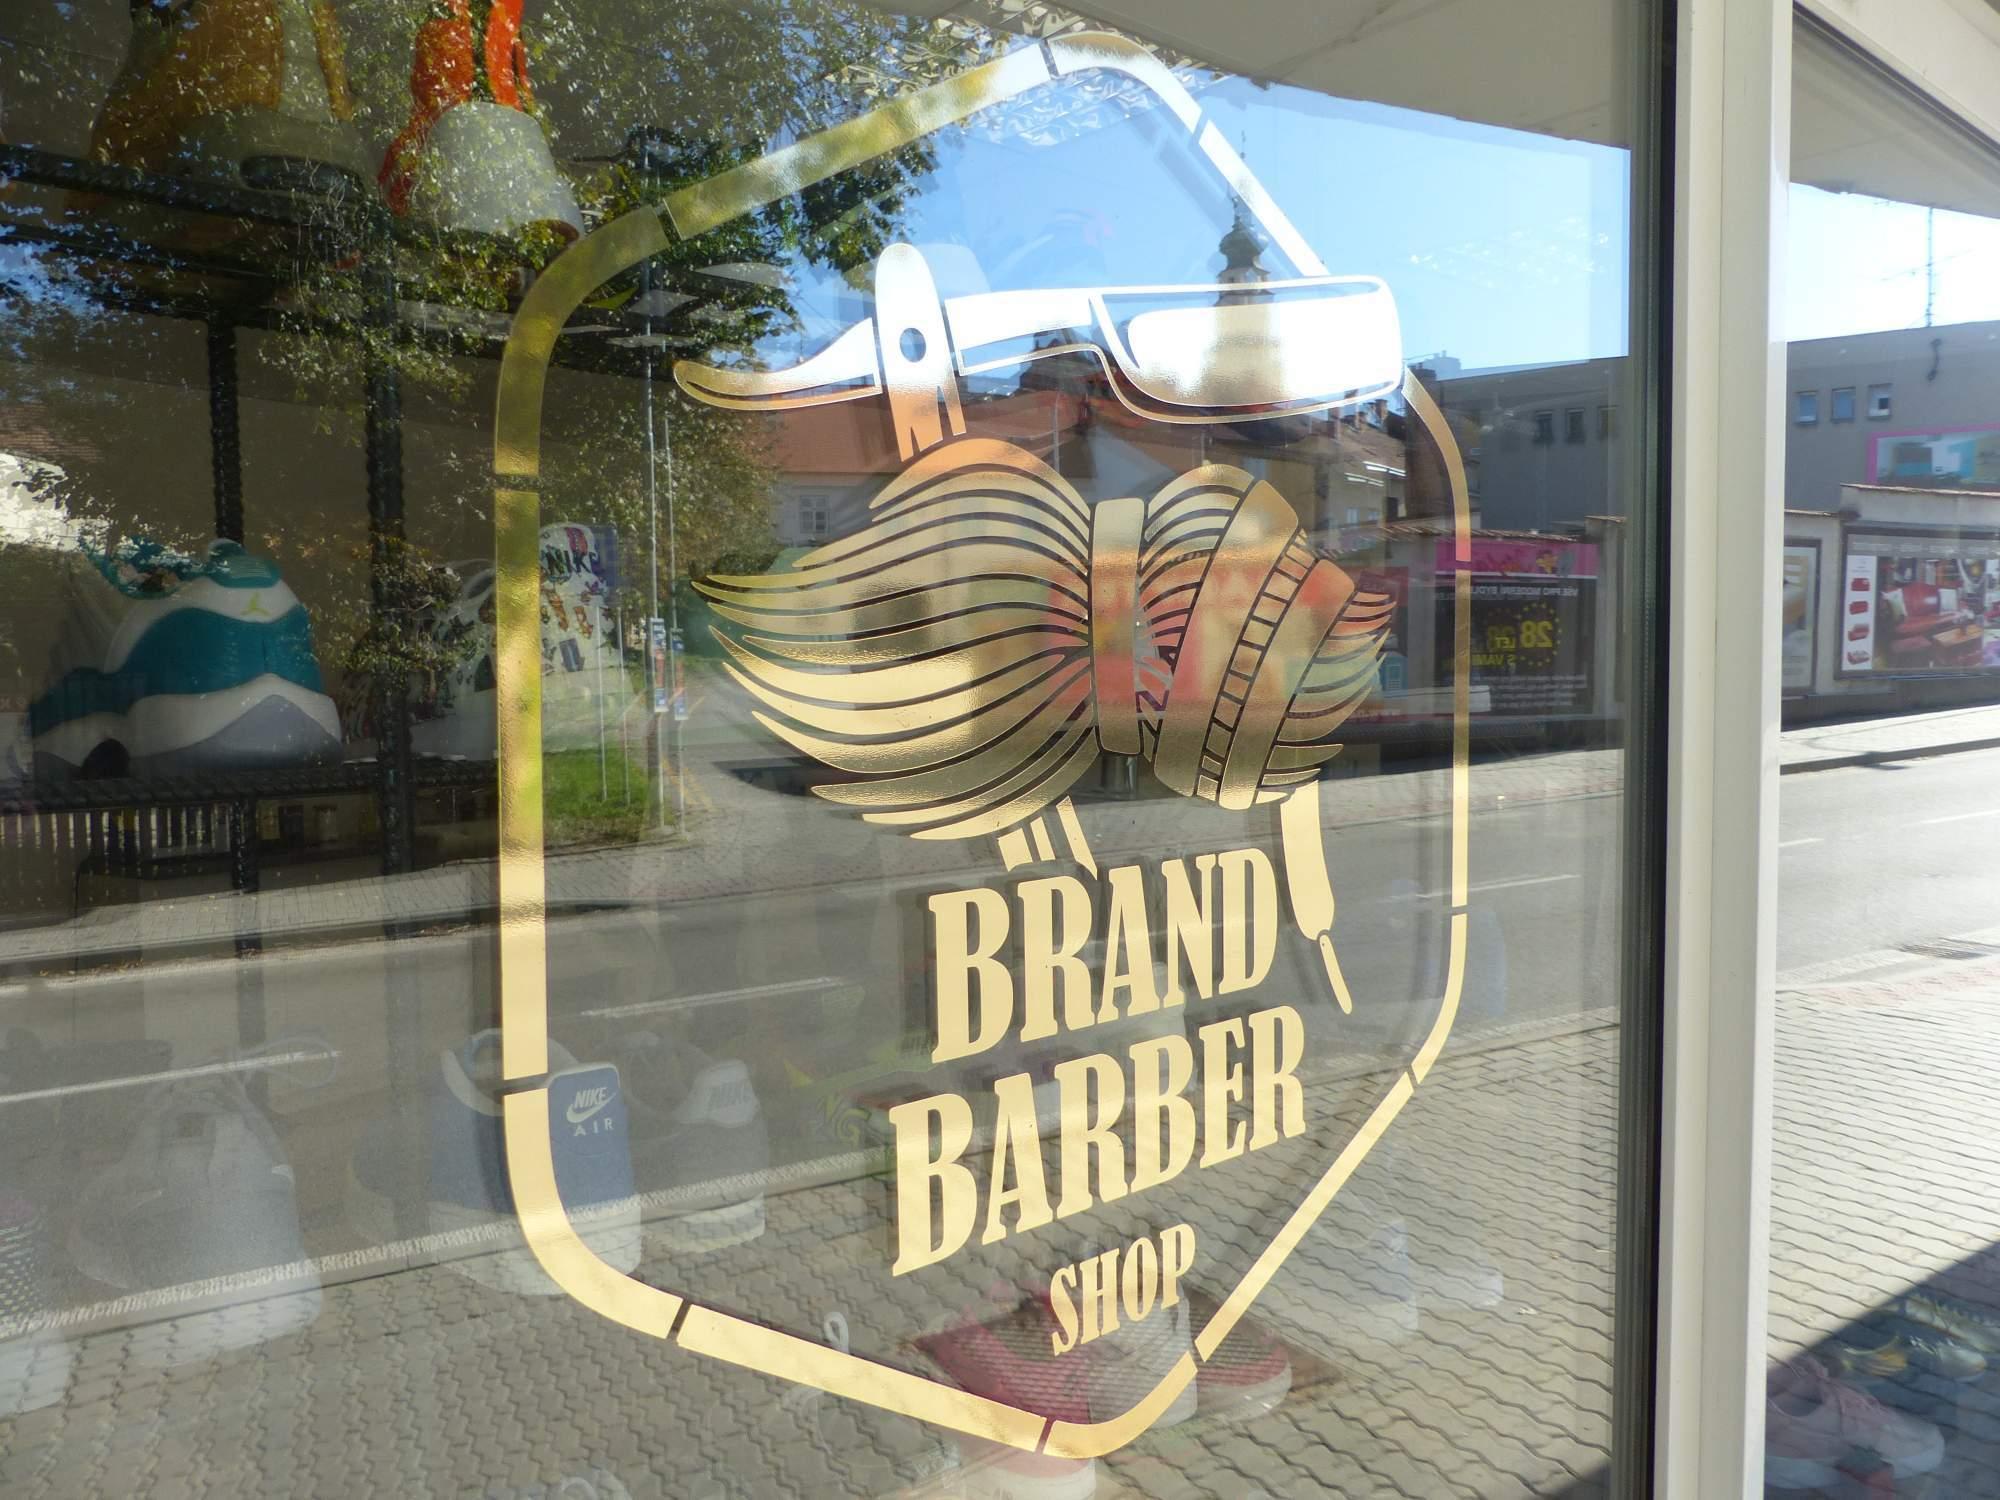 Kamenný obchod Brand Barber shopu funguje v Boskovicích třetím rokem. Foto: Jan Mazáč.